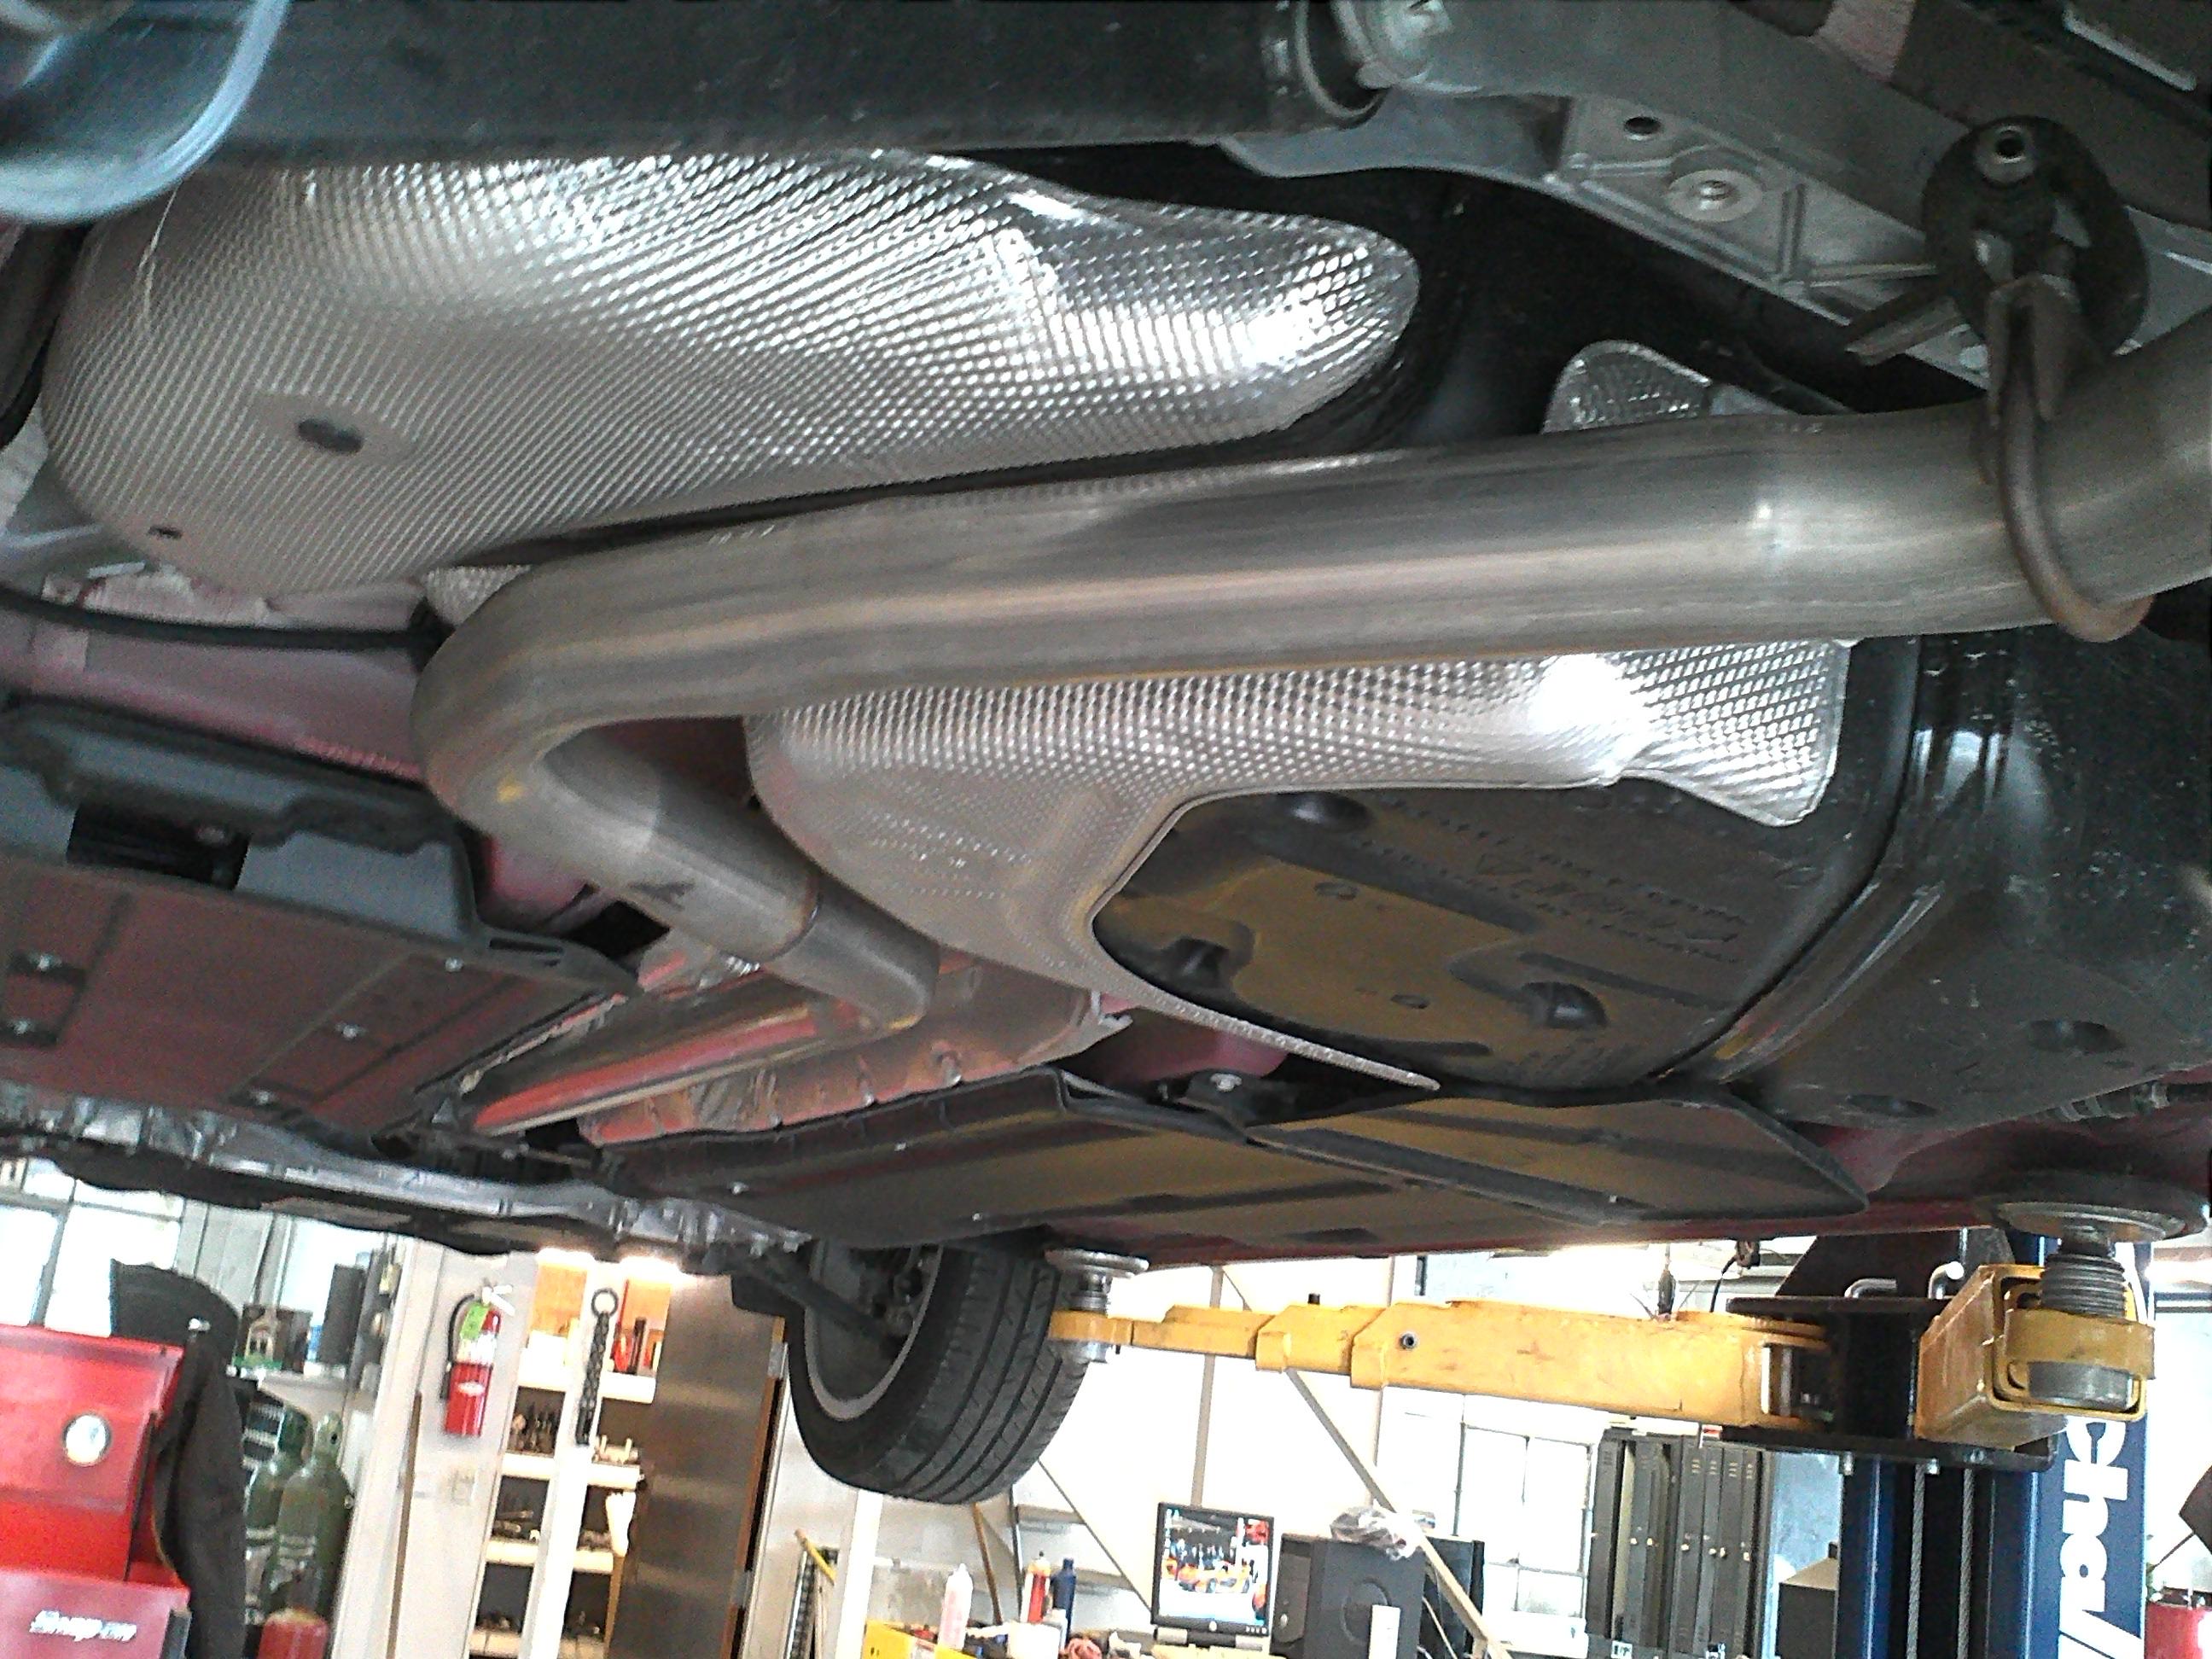 2013 Dodge Dart Tire Size >> Muffler Delete? - Page 3